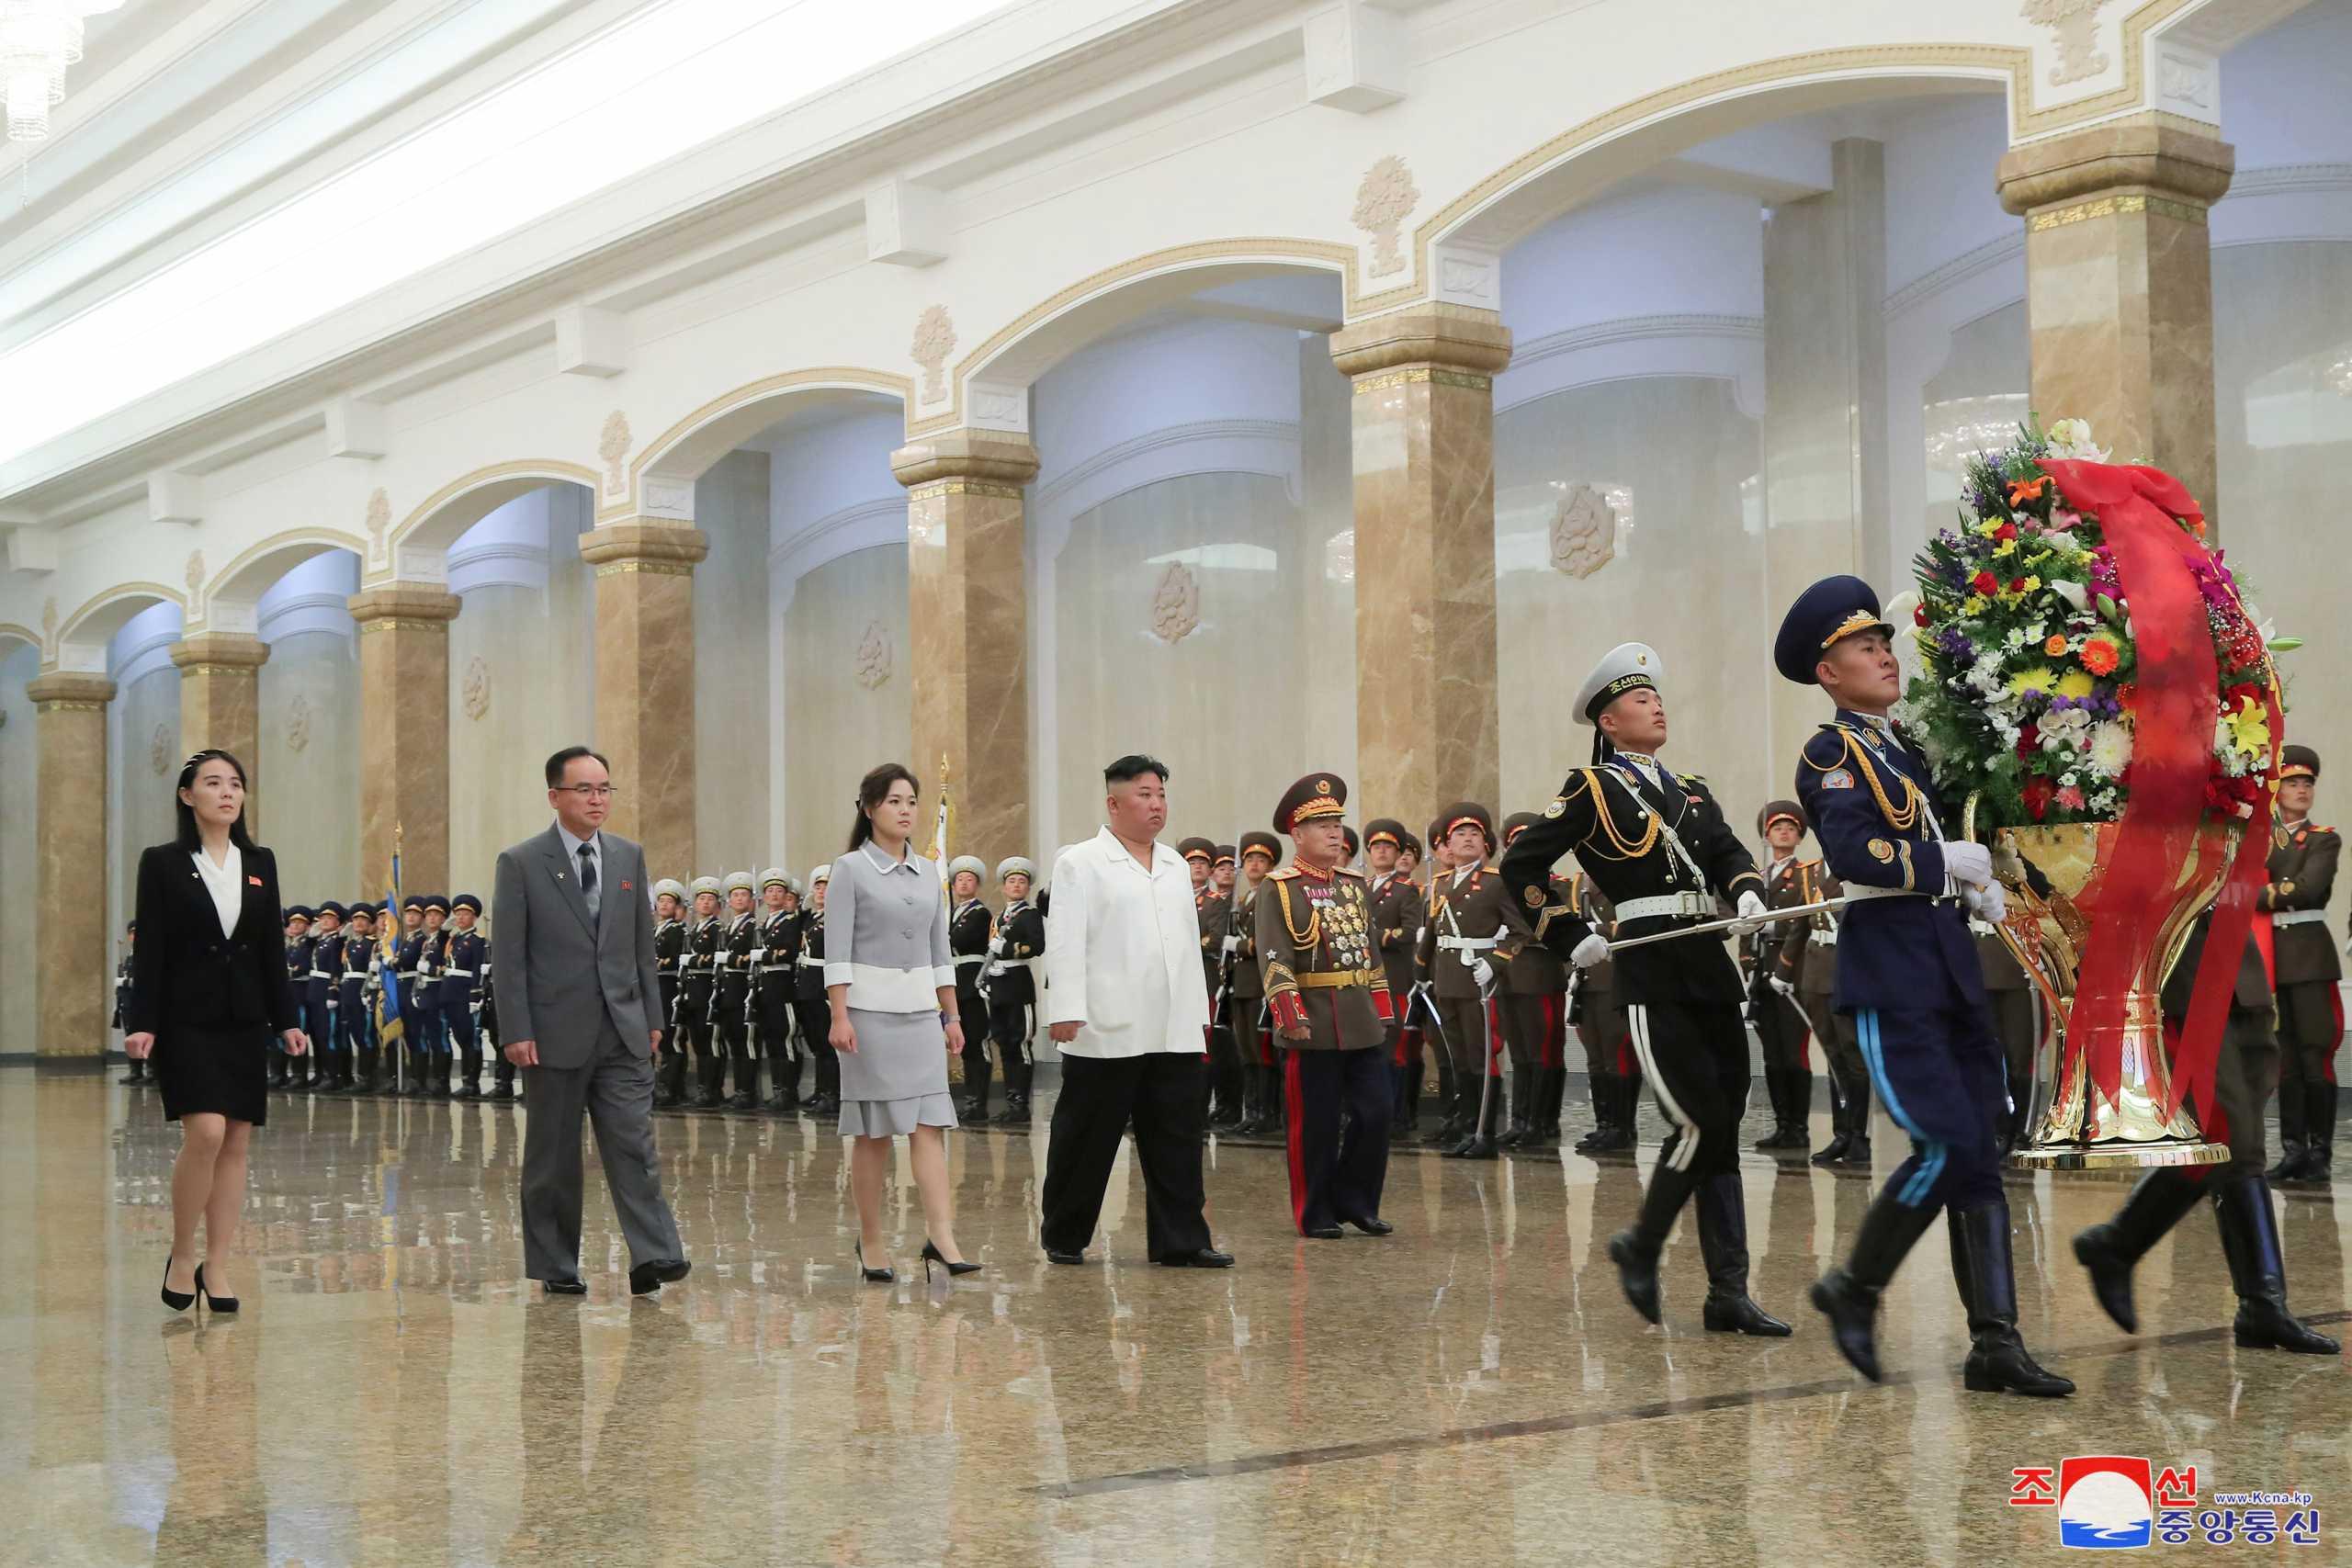 Κιμ Γιονγκ Ουν: Επισκέφθηκε με την αδελφή του το μαυσωλείο του παππού του (pics)